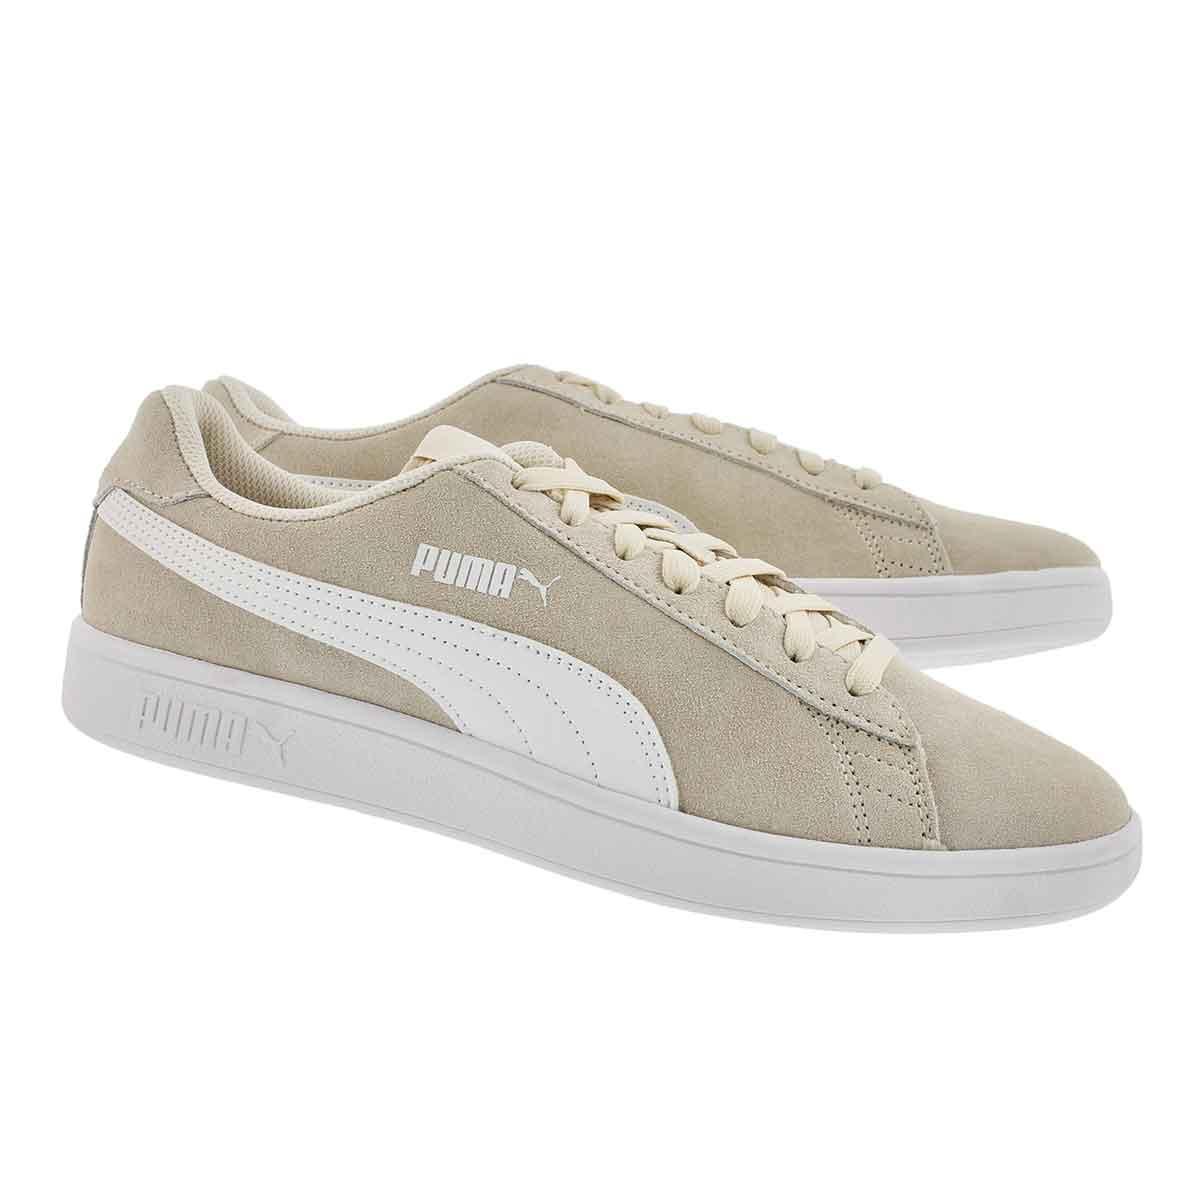 Mns Puma Smash v2 birch/wht sneaker